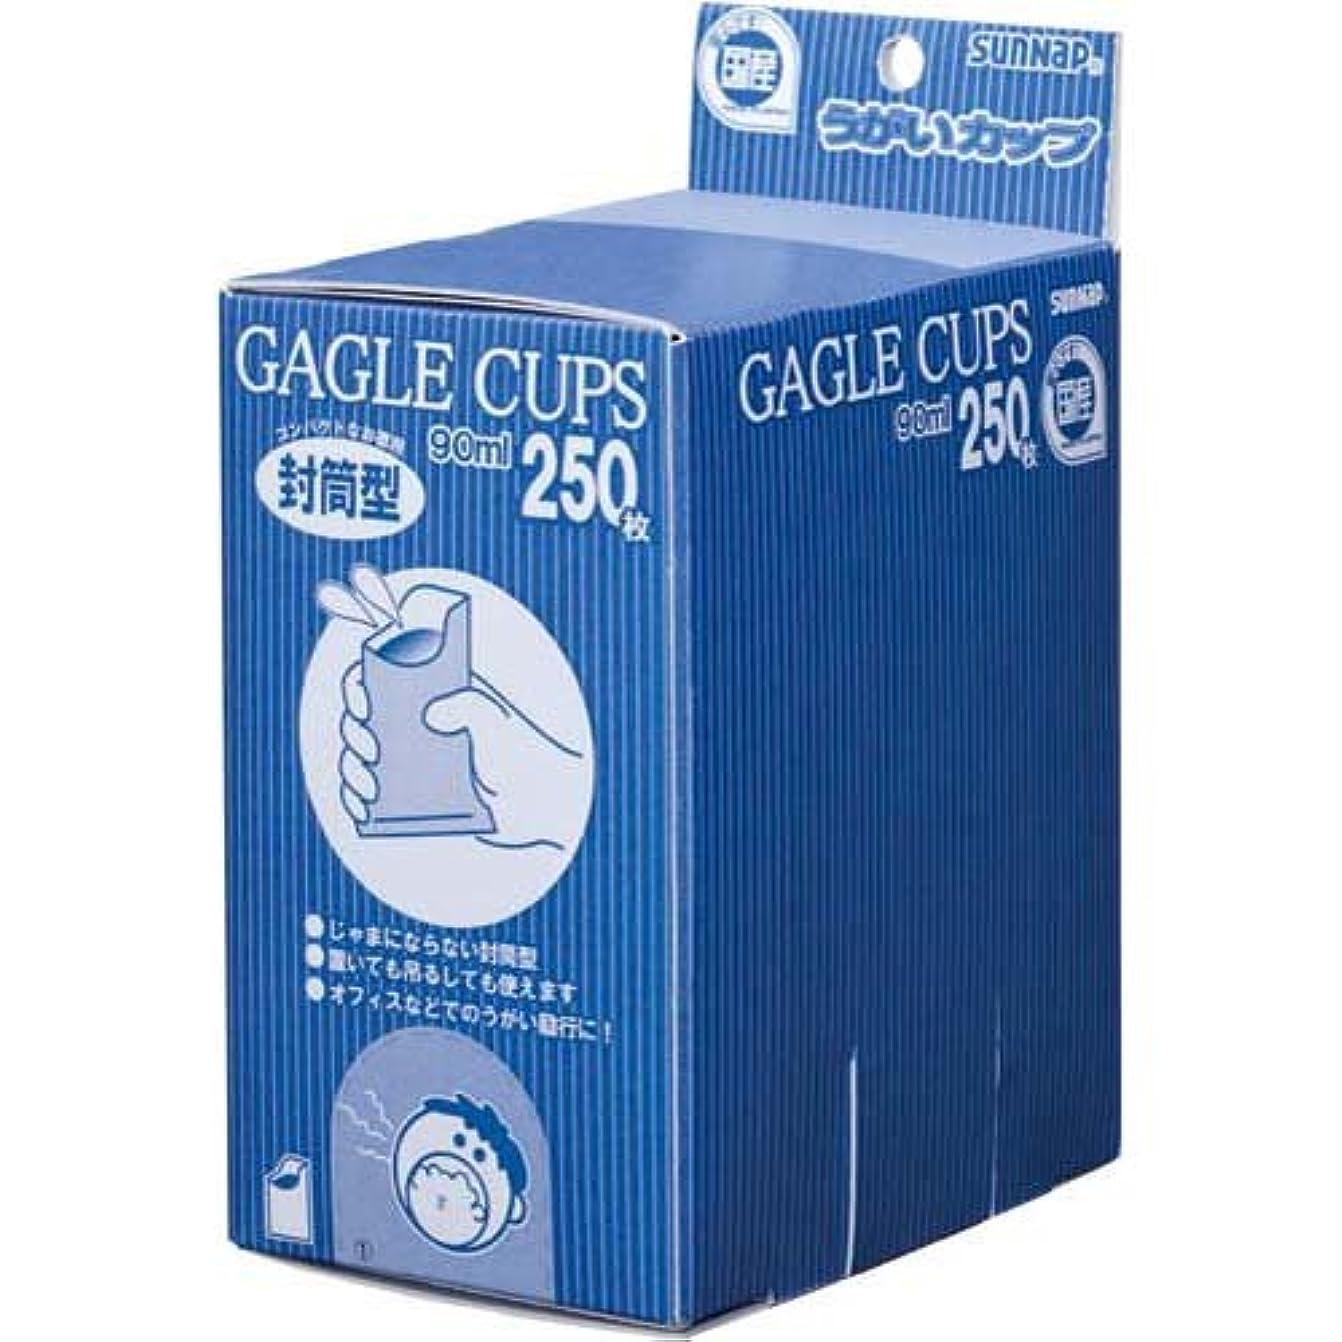 エンゲージメント症候群注目すべきサンナップ 封筒型うがいカップ250枚×5箱